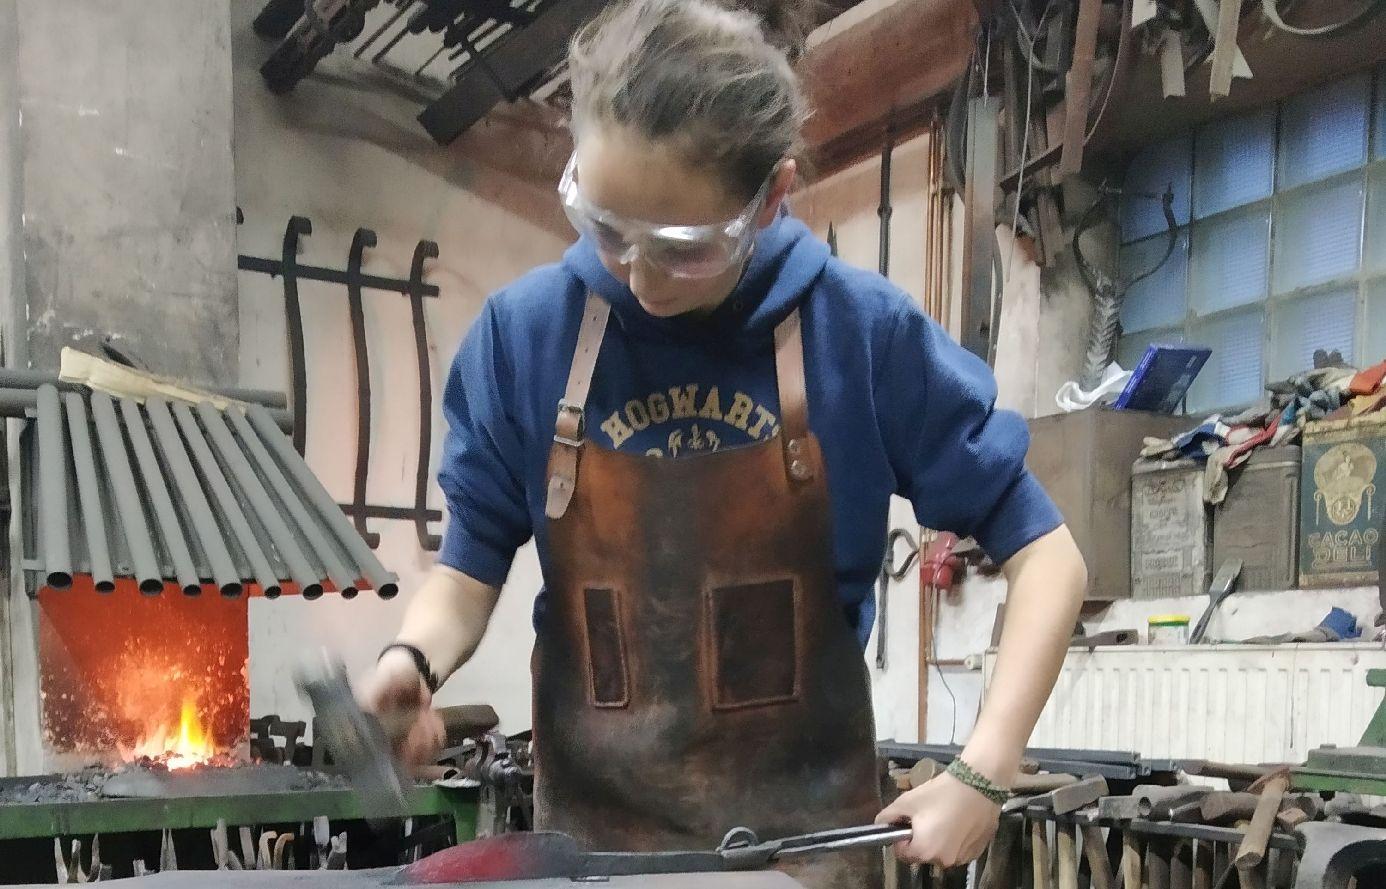 V kovárně jsem strávila asi čtyři hodiny, nejdřív jsem se jen učila kovat, na jiném materiálu, dělala jsem hřebíky a klínky. Druhou polovinu času jsem pak už kovala samotný nůž.